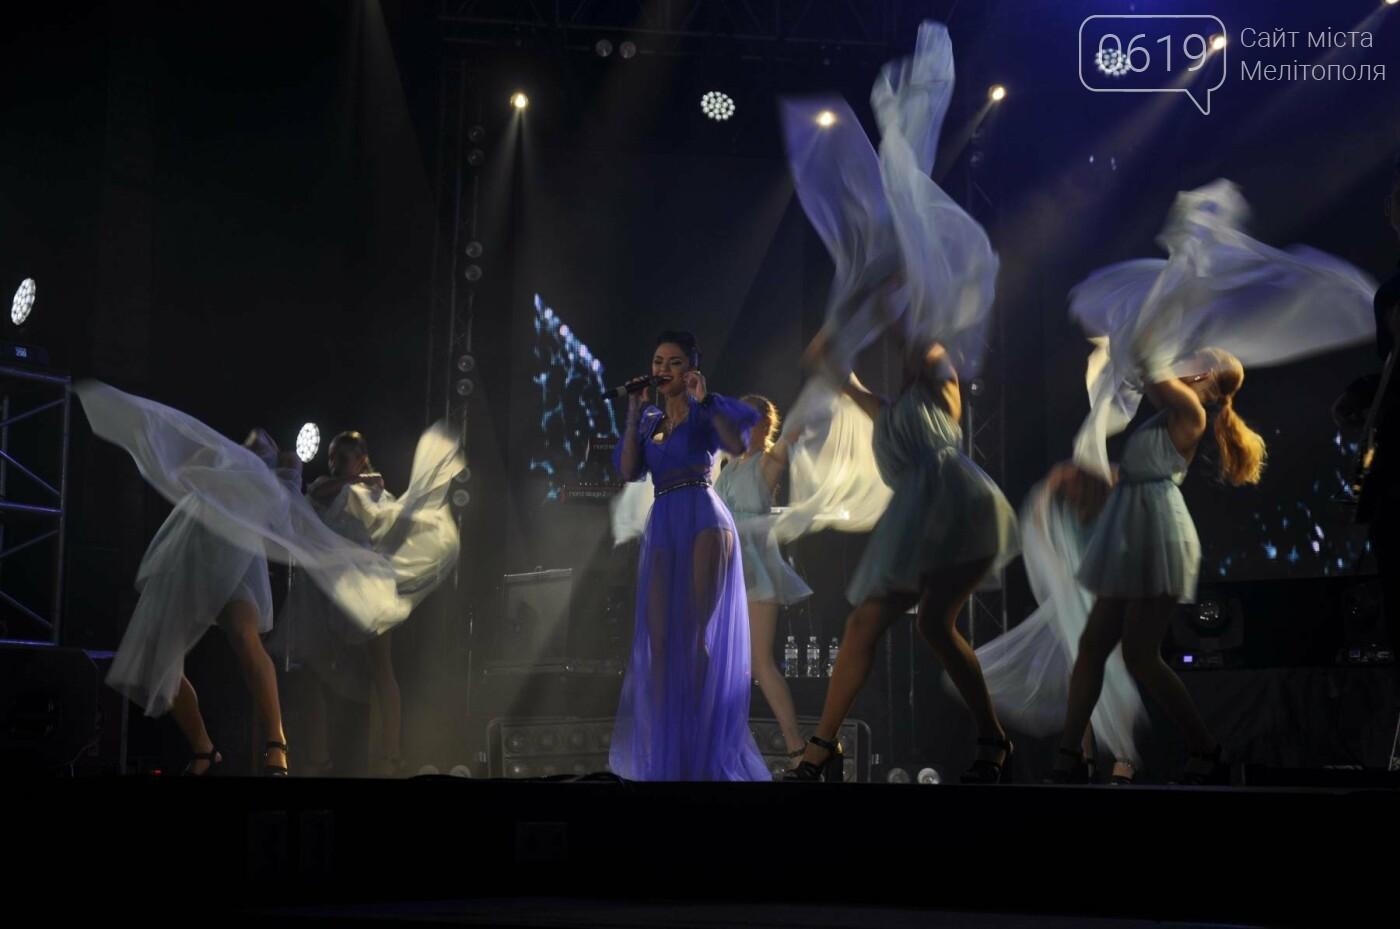 """В Мелитополе состоялся концерт группы """"НеАнгелы"""". Фоторепортаж , фото-7"""